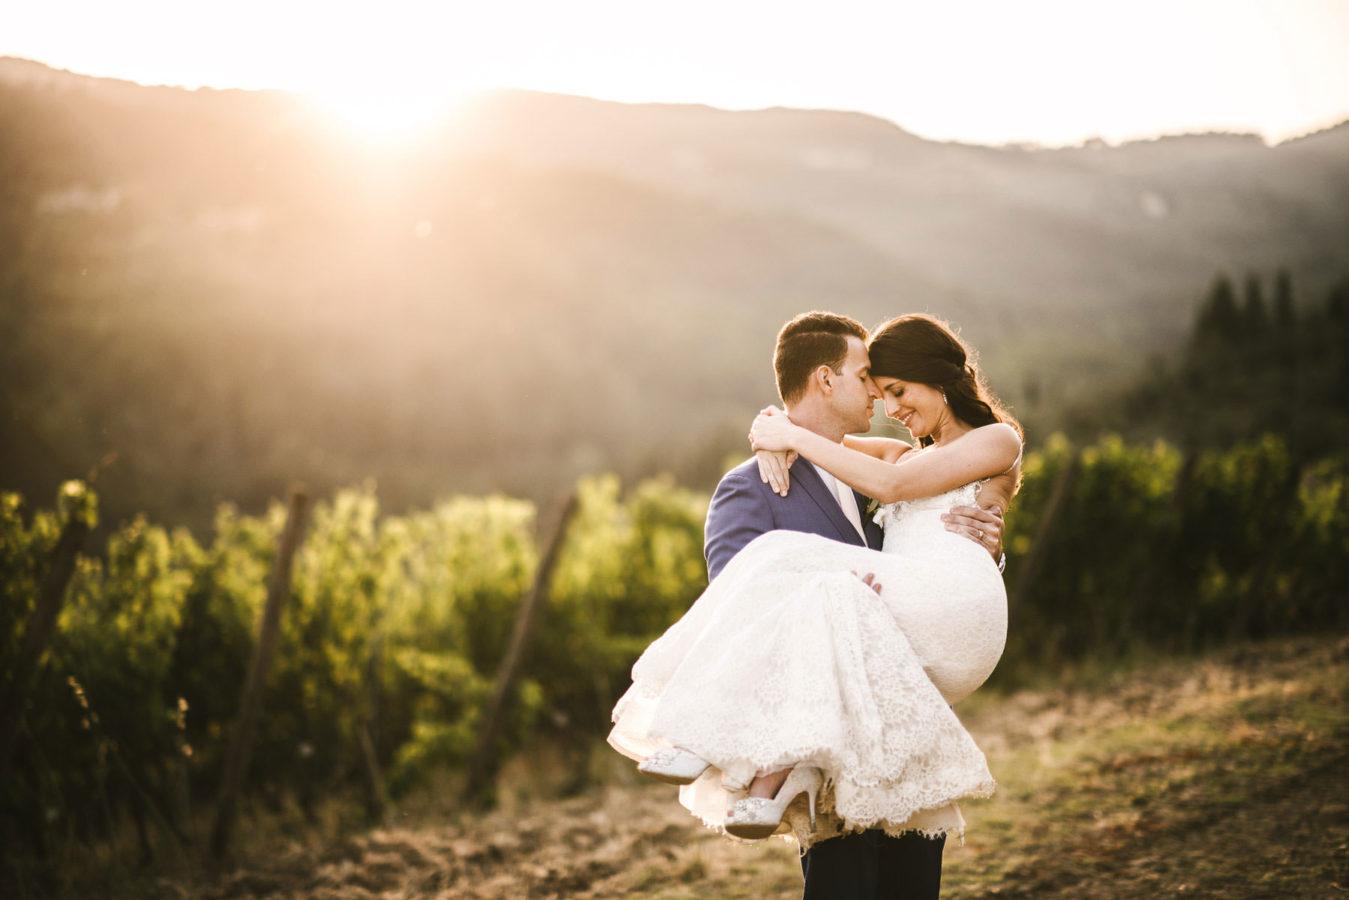 Intimate destination vineyard wedding in Tuscany countryside near Castello del Trebbio